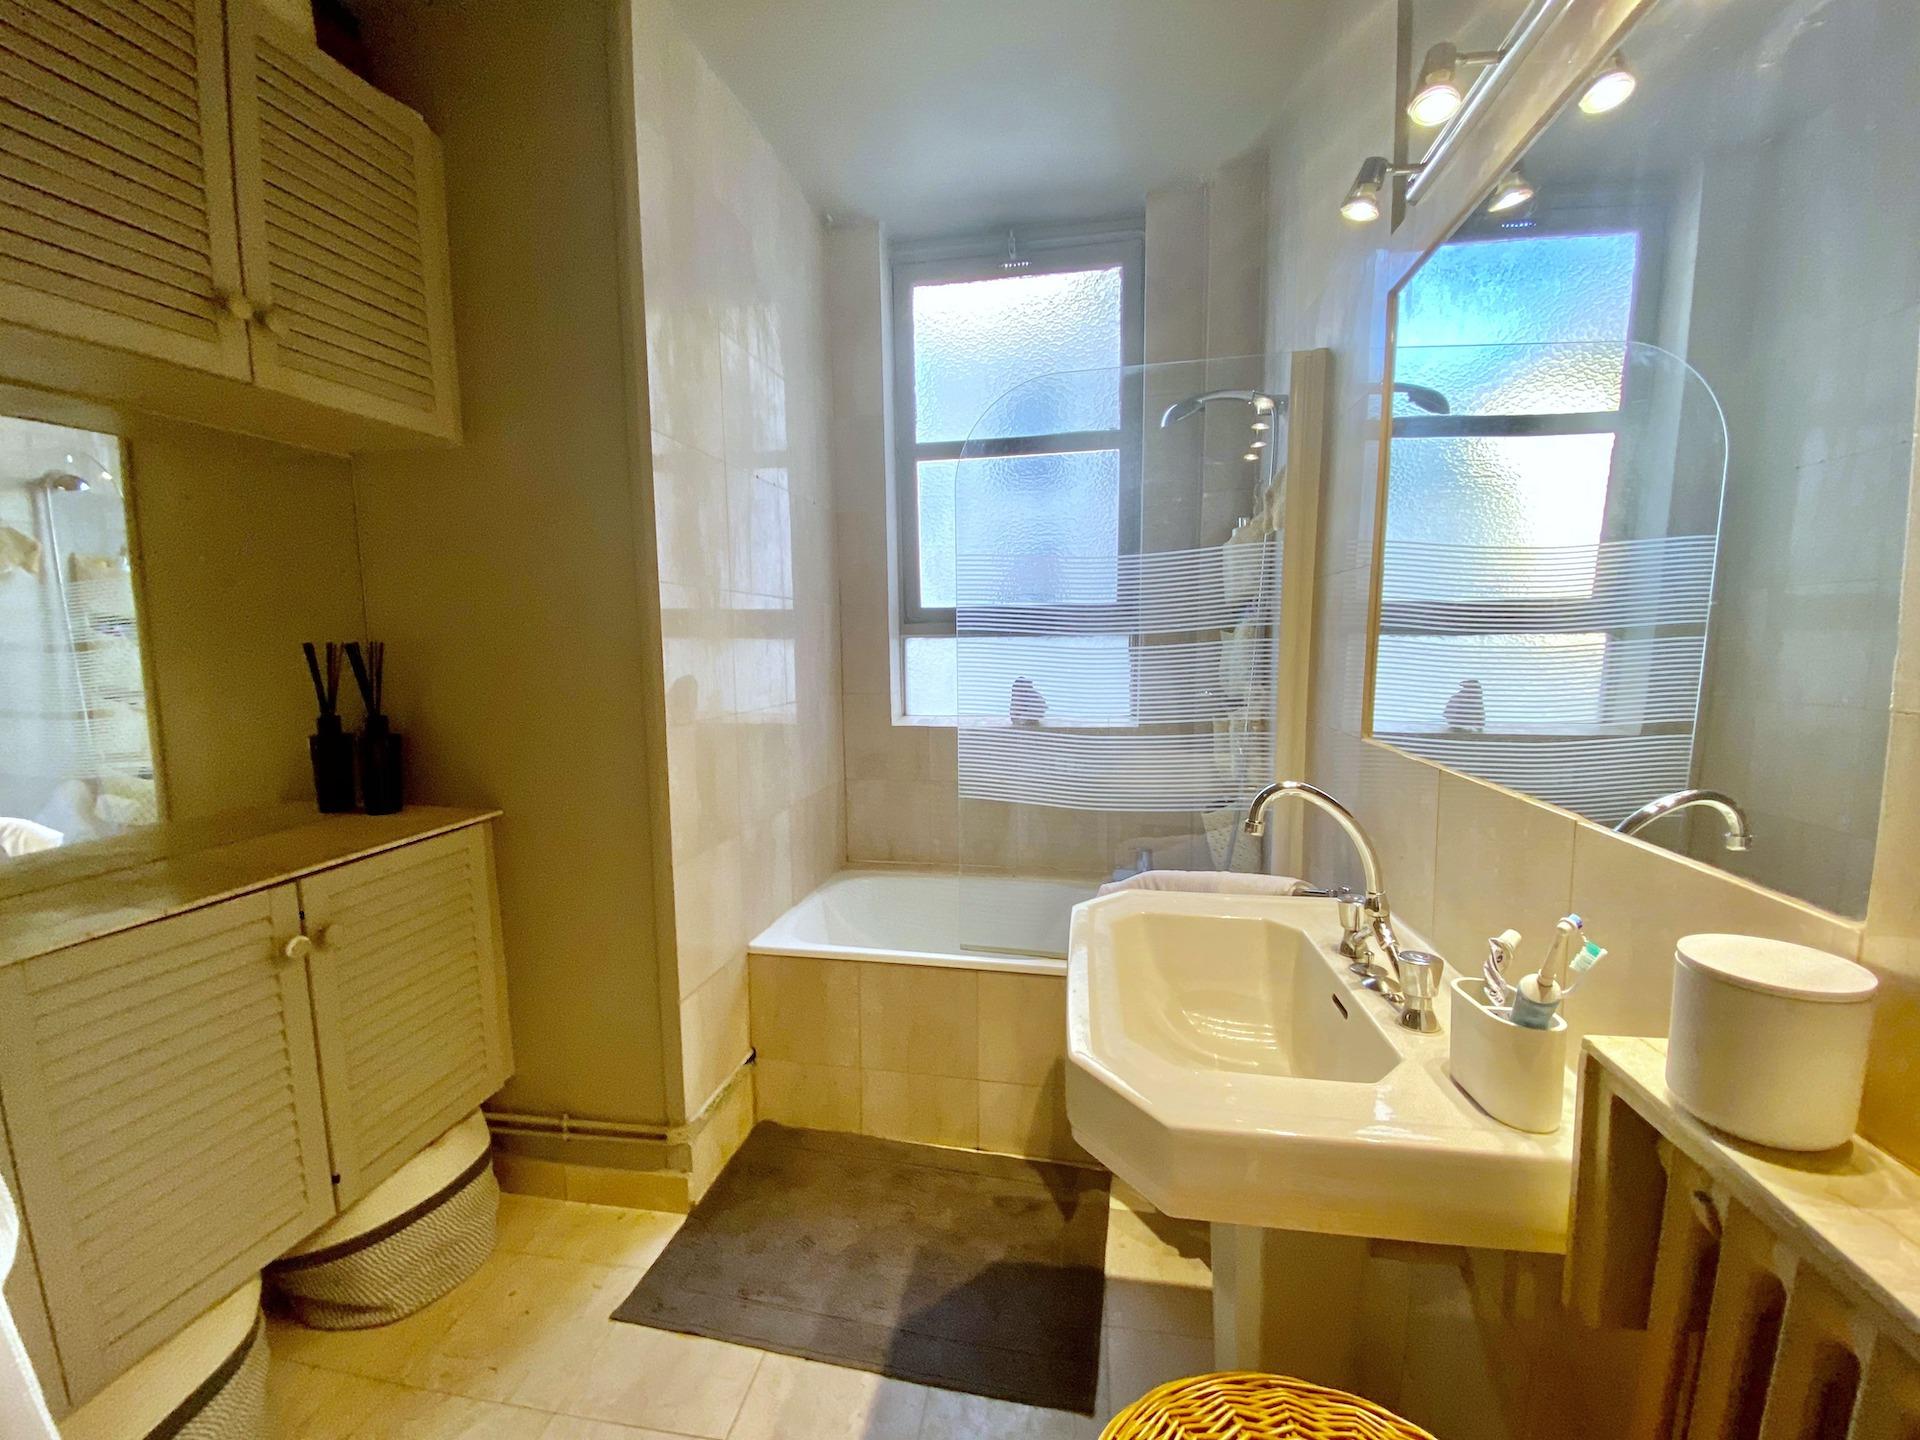 6-a-vendre-appartement-2-pieces-balcon-vue-degagee-sans-vis-à-vis-paris-16-auteuil-la-clef-des-villes-agence-immobiliere-off-market